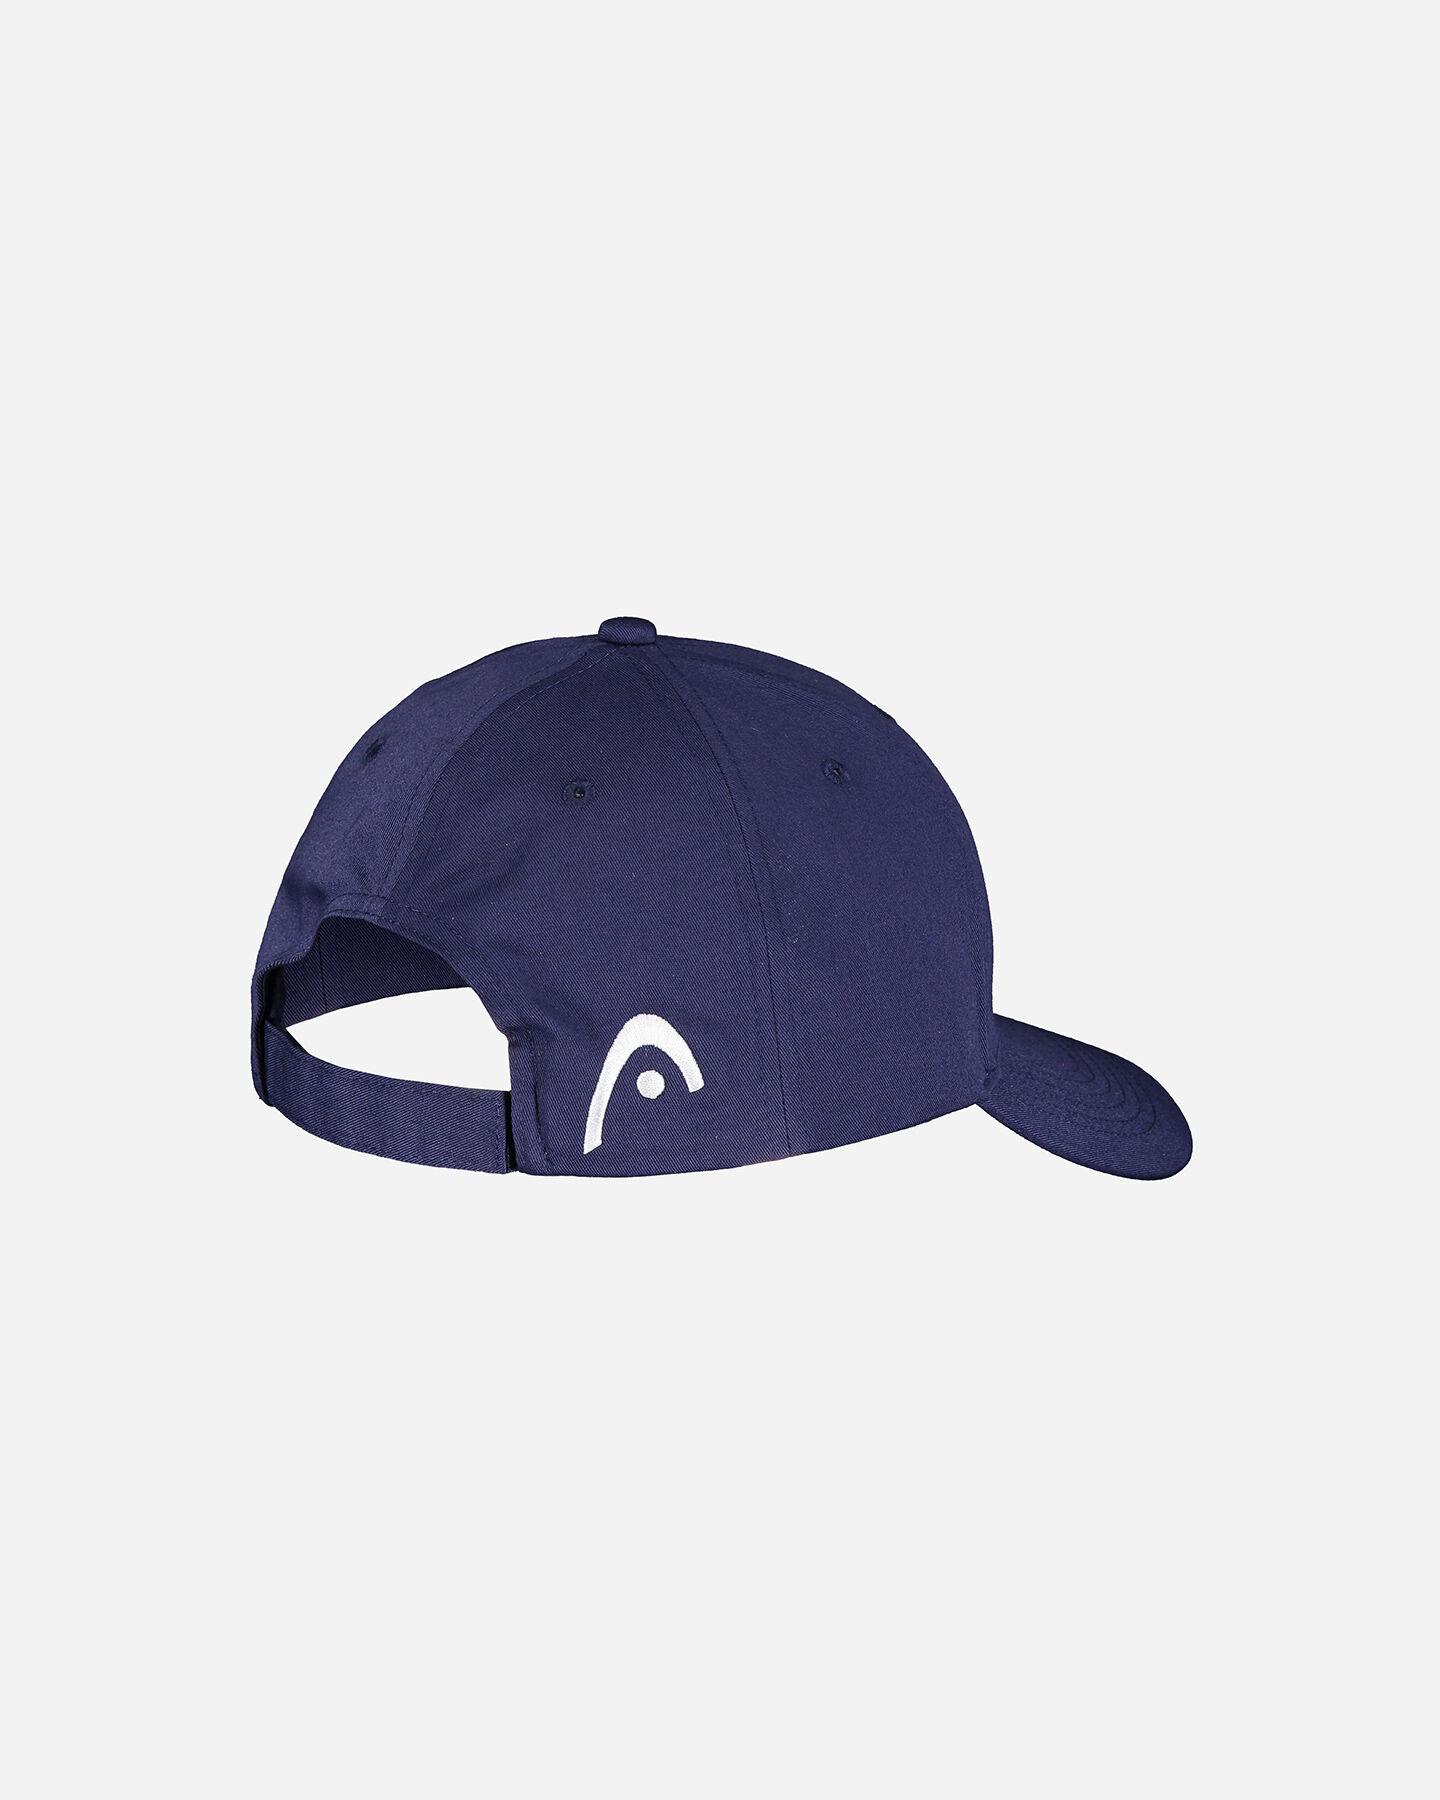 Cappellino HEAD PROMOTION S5221167|NV|UNI scatto 1